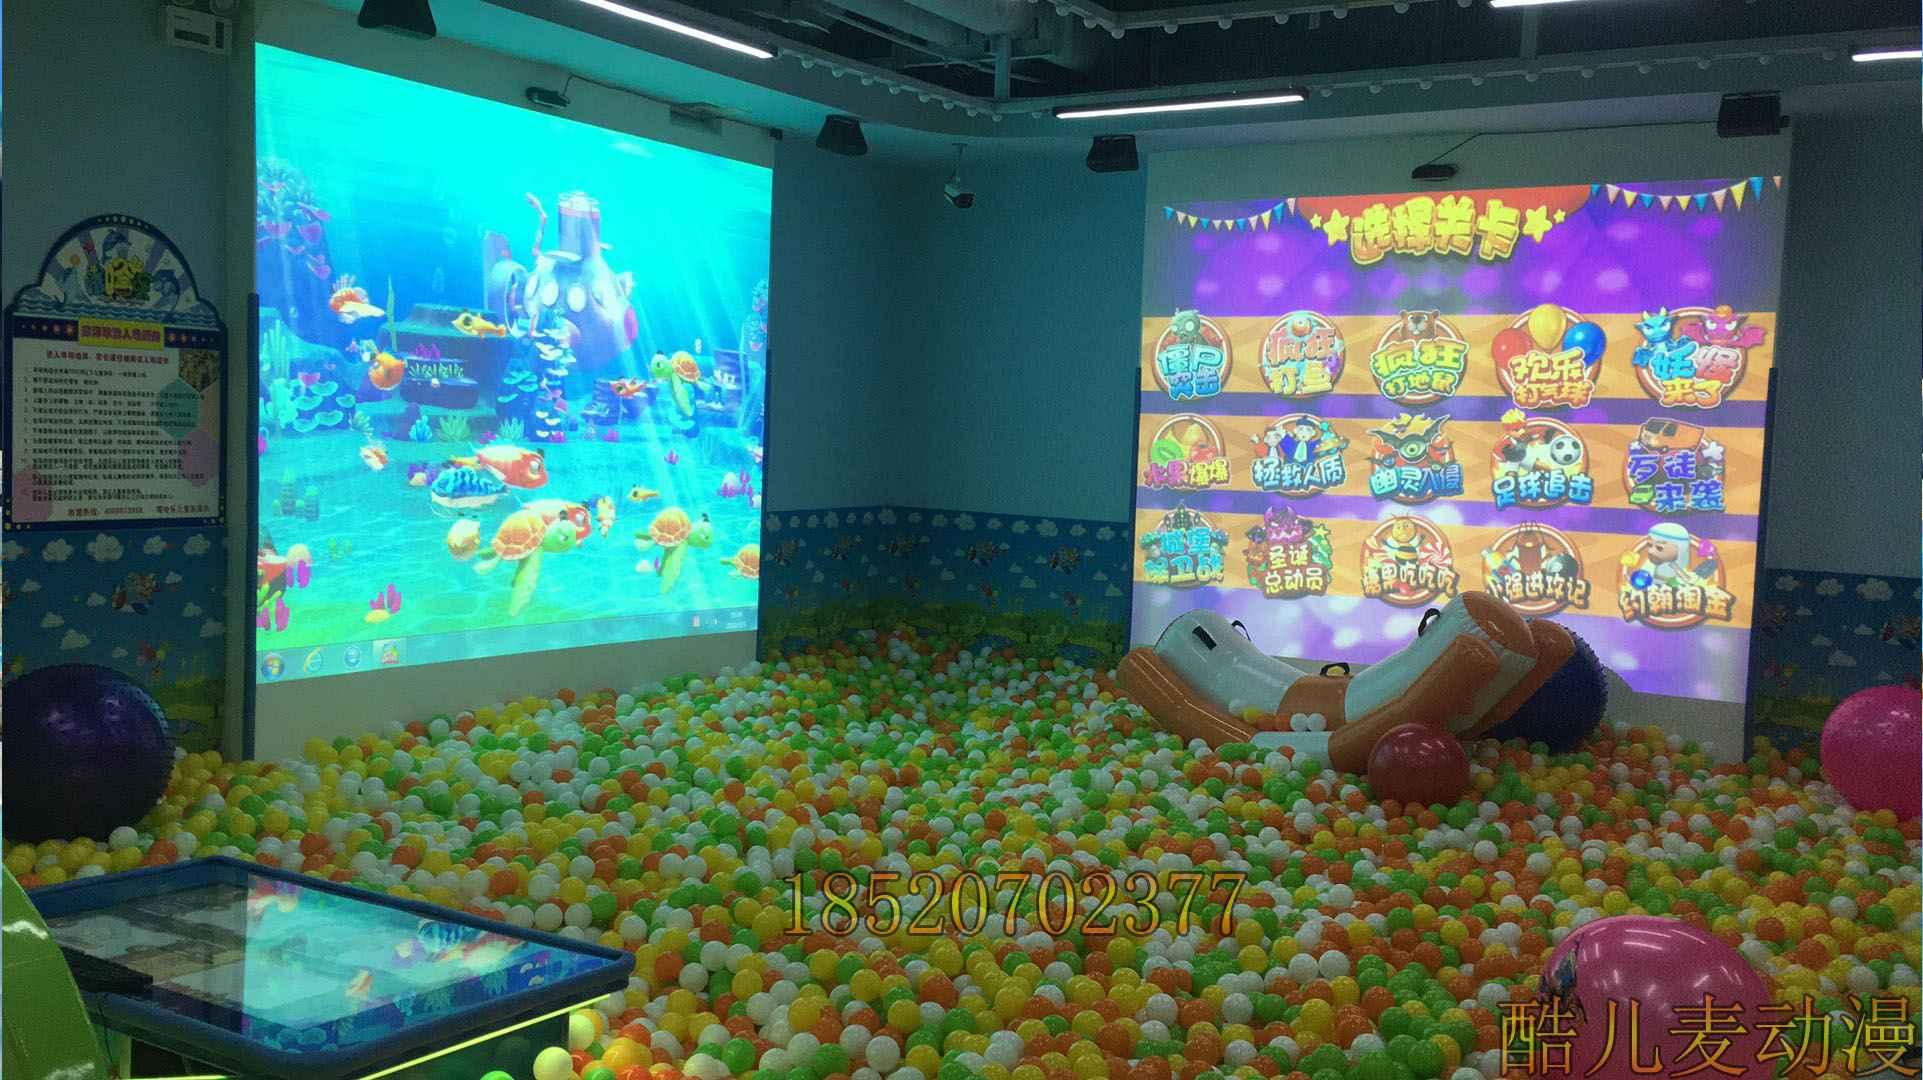 可信赖的投影互动砸球游乐设备公司推荐,地面投影互动系统